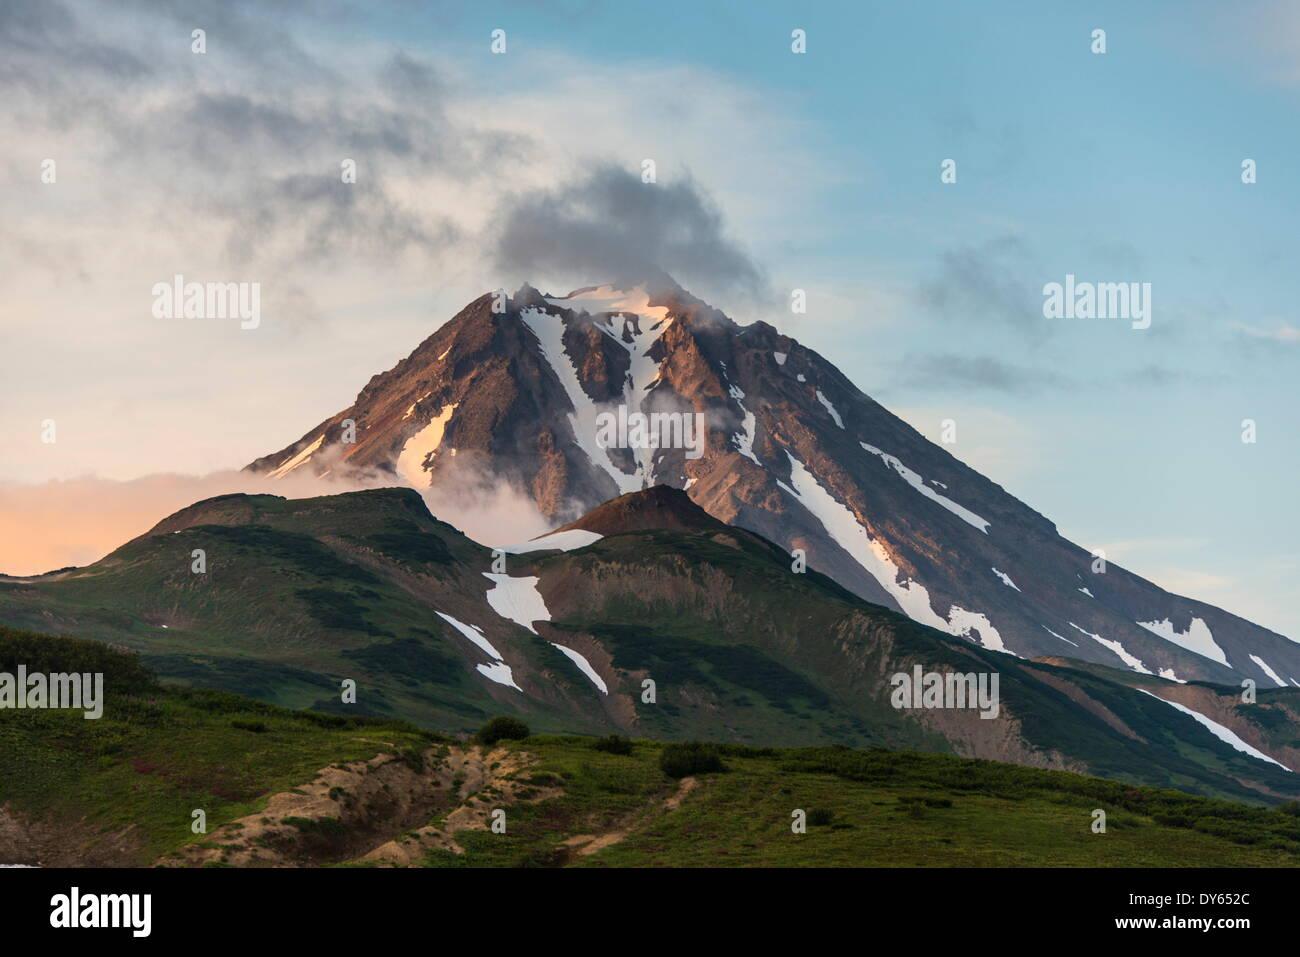 Volcán Vilyuchinsk, Kamchatka, Rusia, Eurasia Imagen De Stock